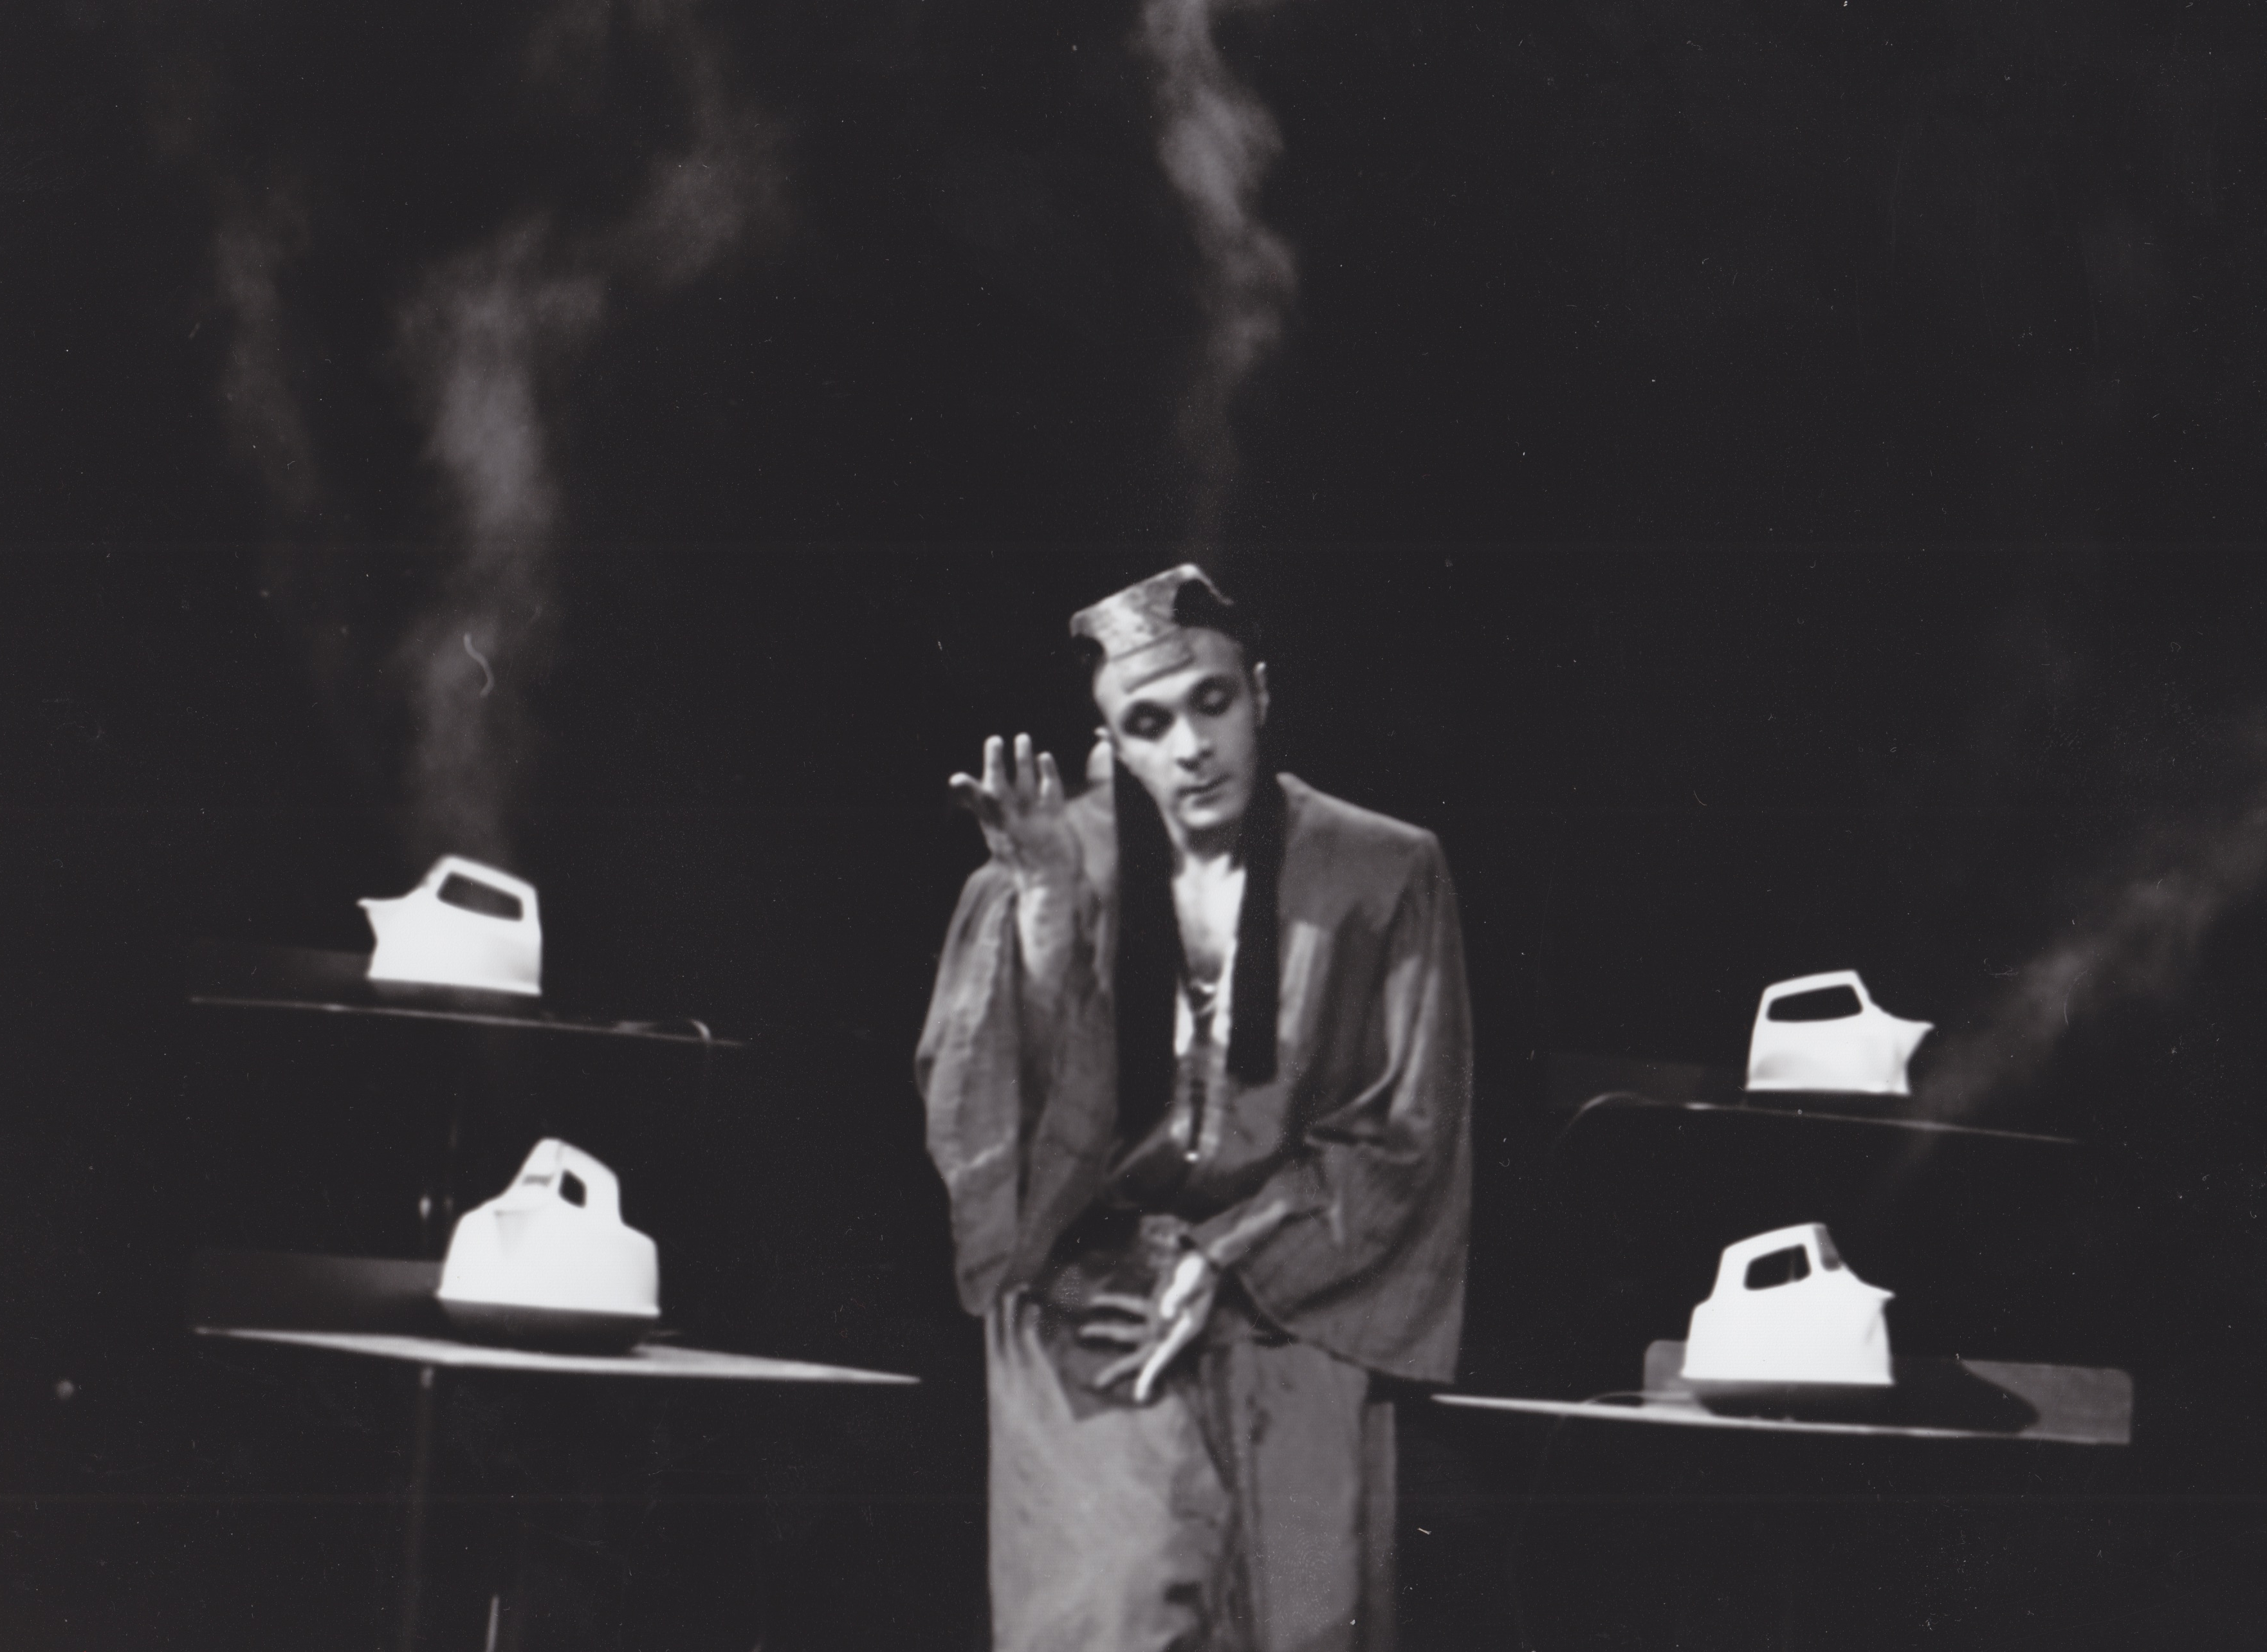 Burning Skin – 1992 & 2017